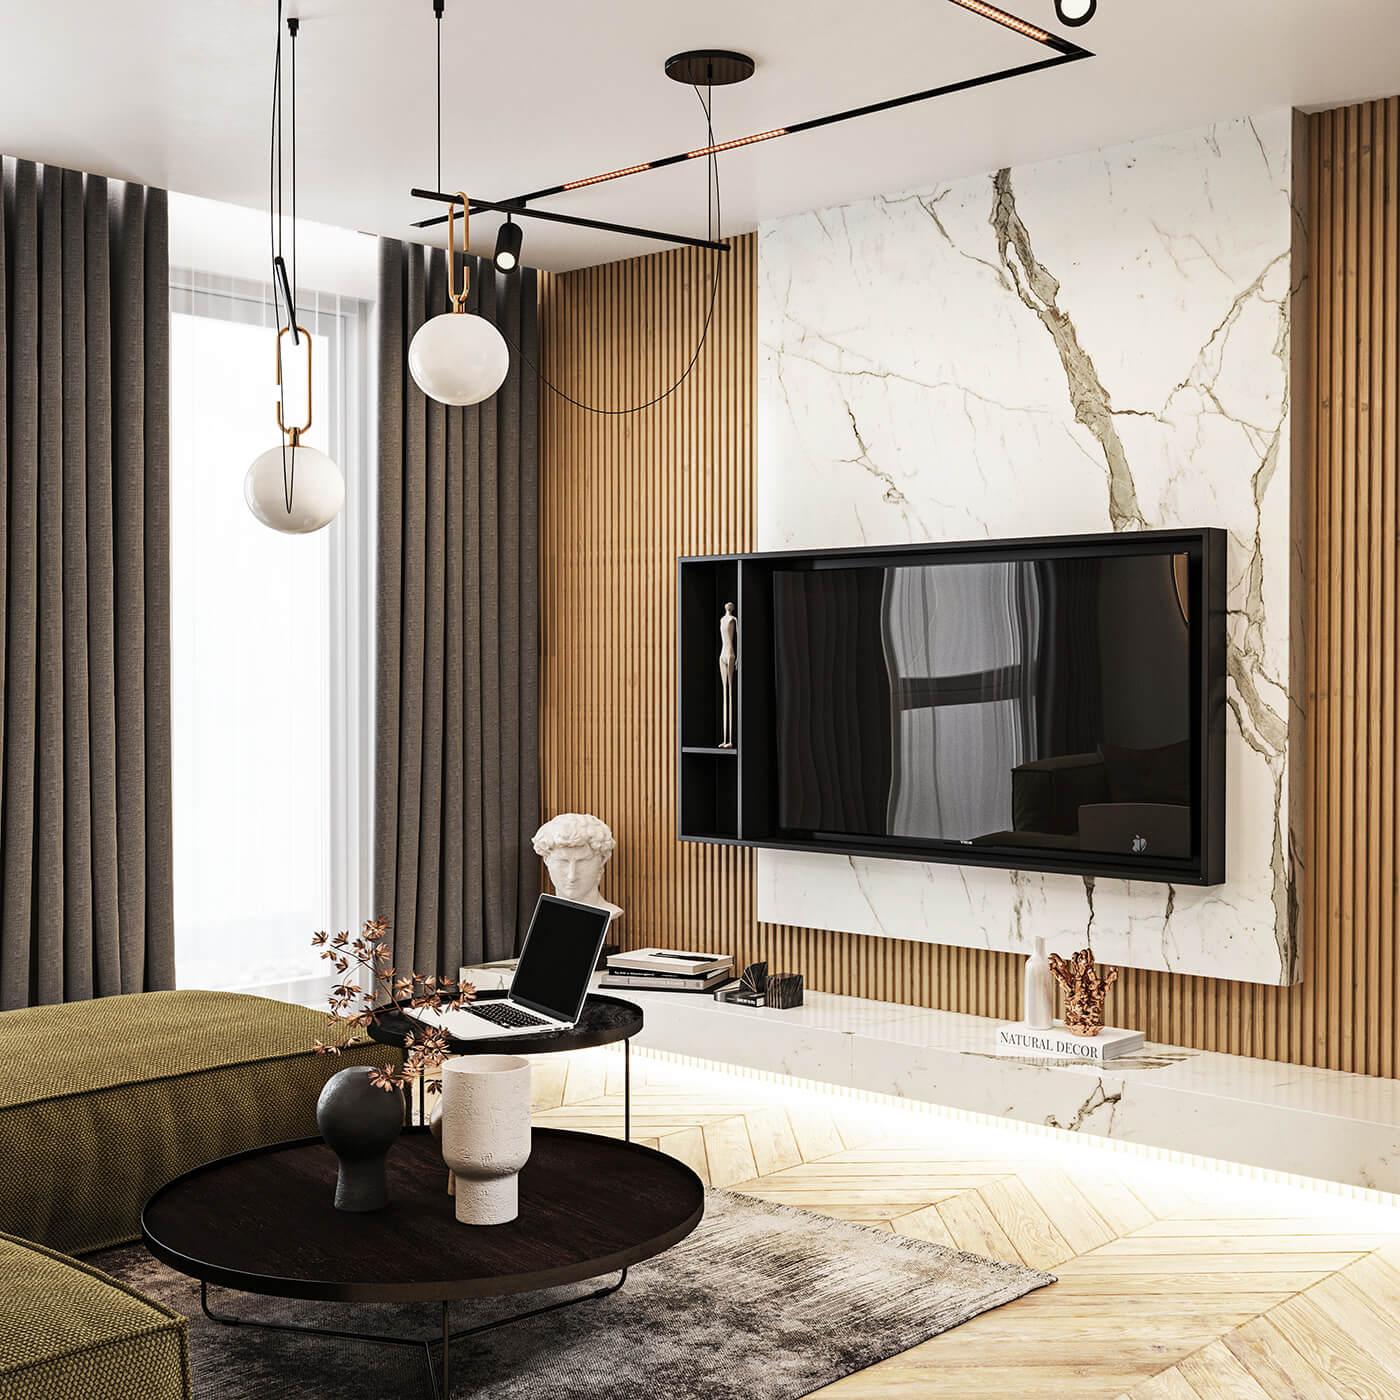 interioren-dizain-proekt-na-vsekidnevna-s-kuhina-i-trapezaria-glory